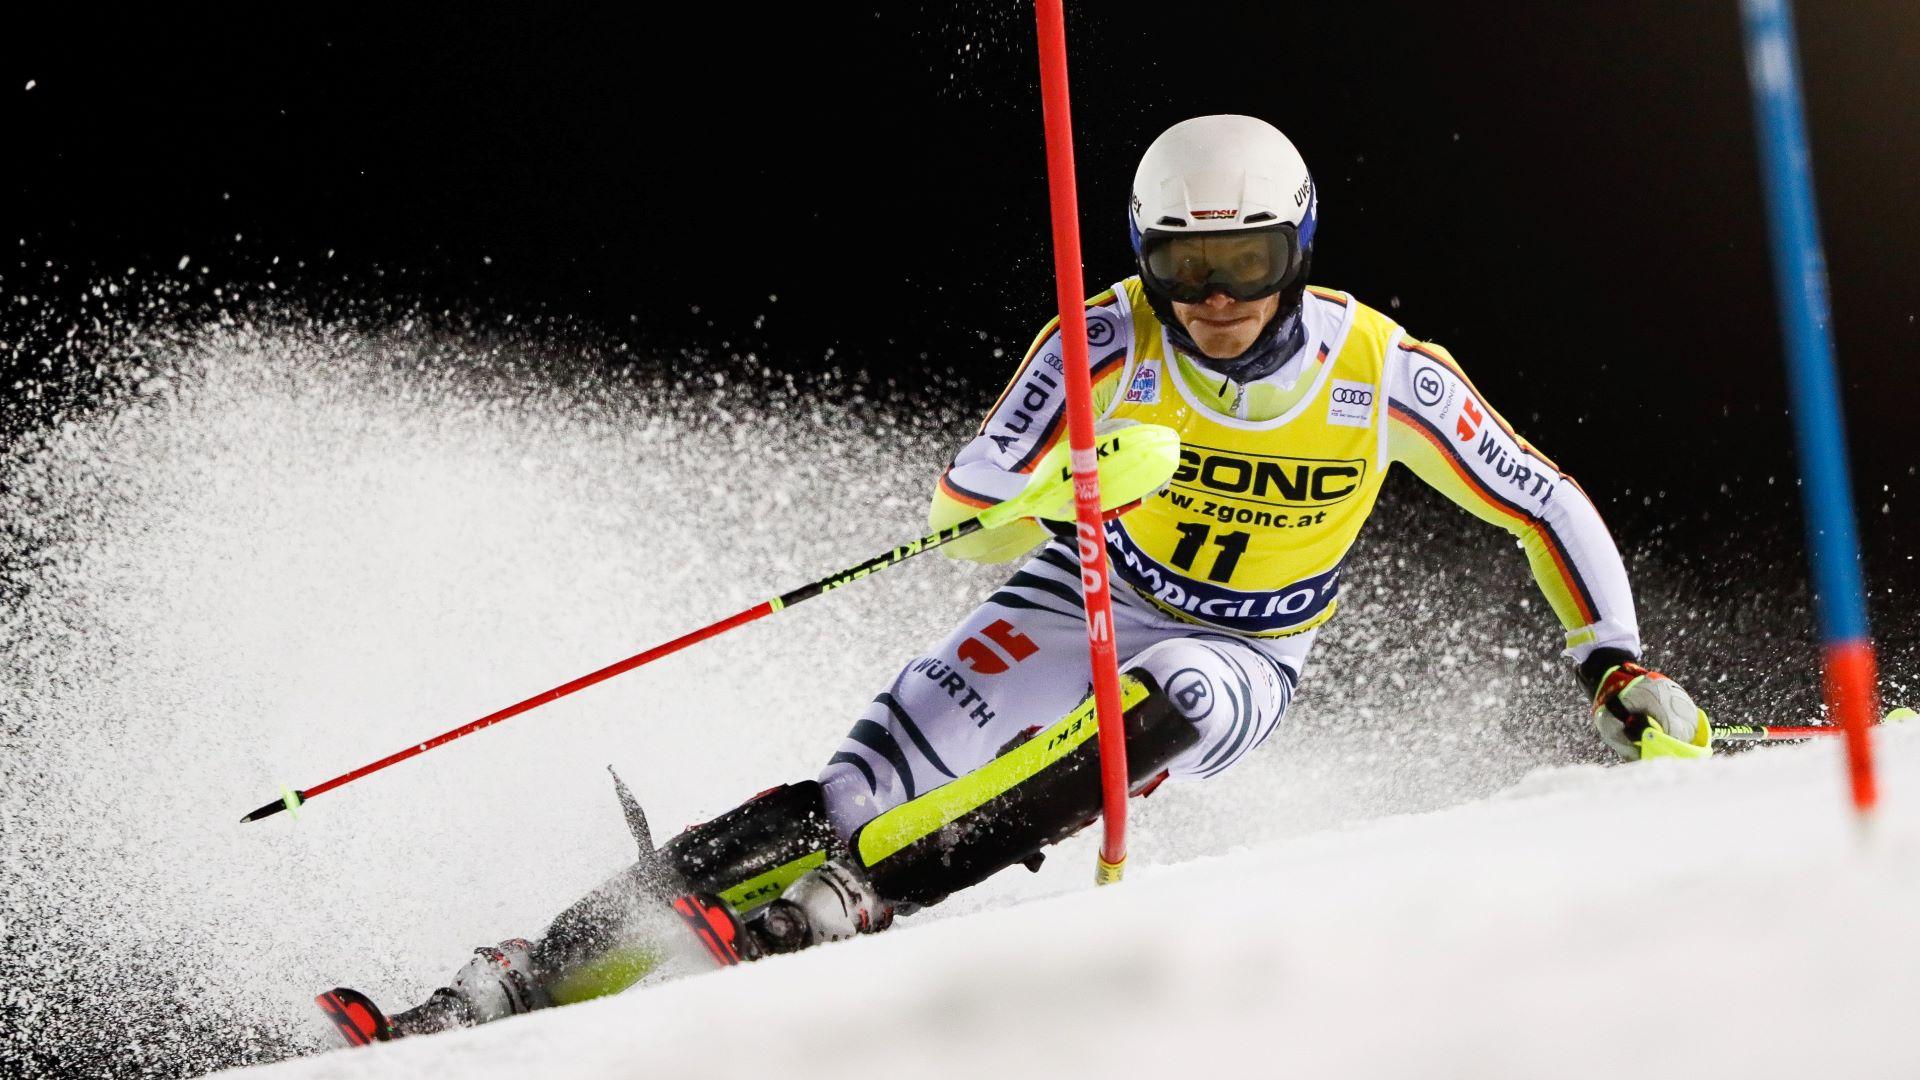 Slalom Der Manner Live Im Tv Und Livestream Sehen Die Ubertragung Des Fis Weltcup Heute Aus Adelboden Dazn News Deutschland